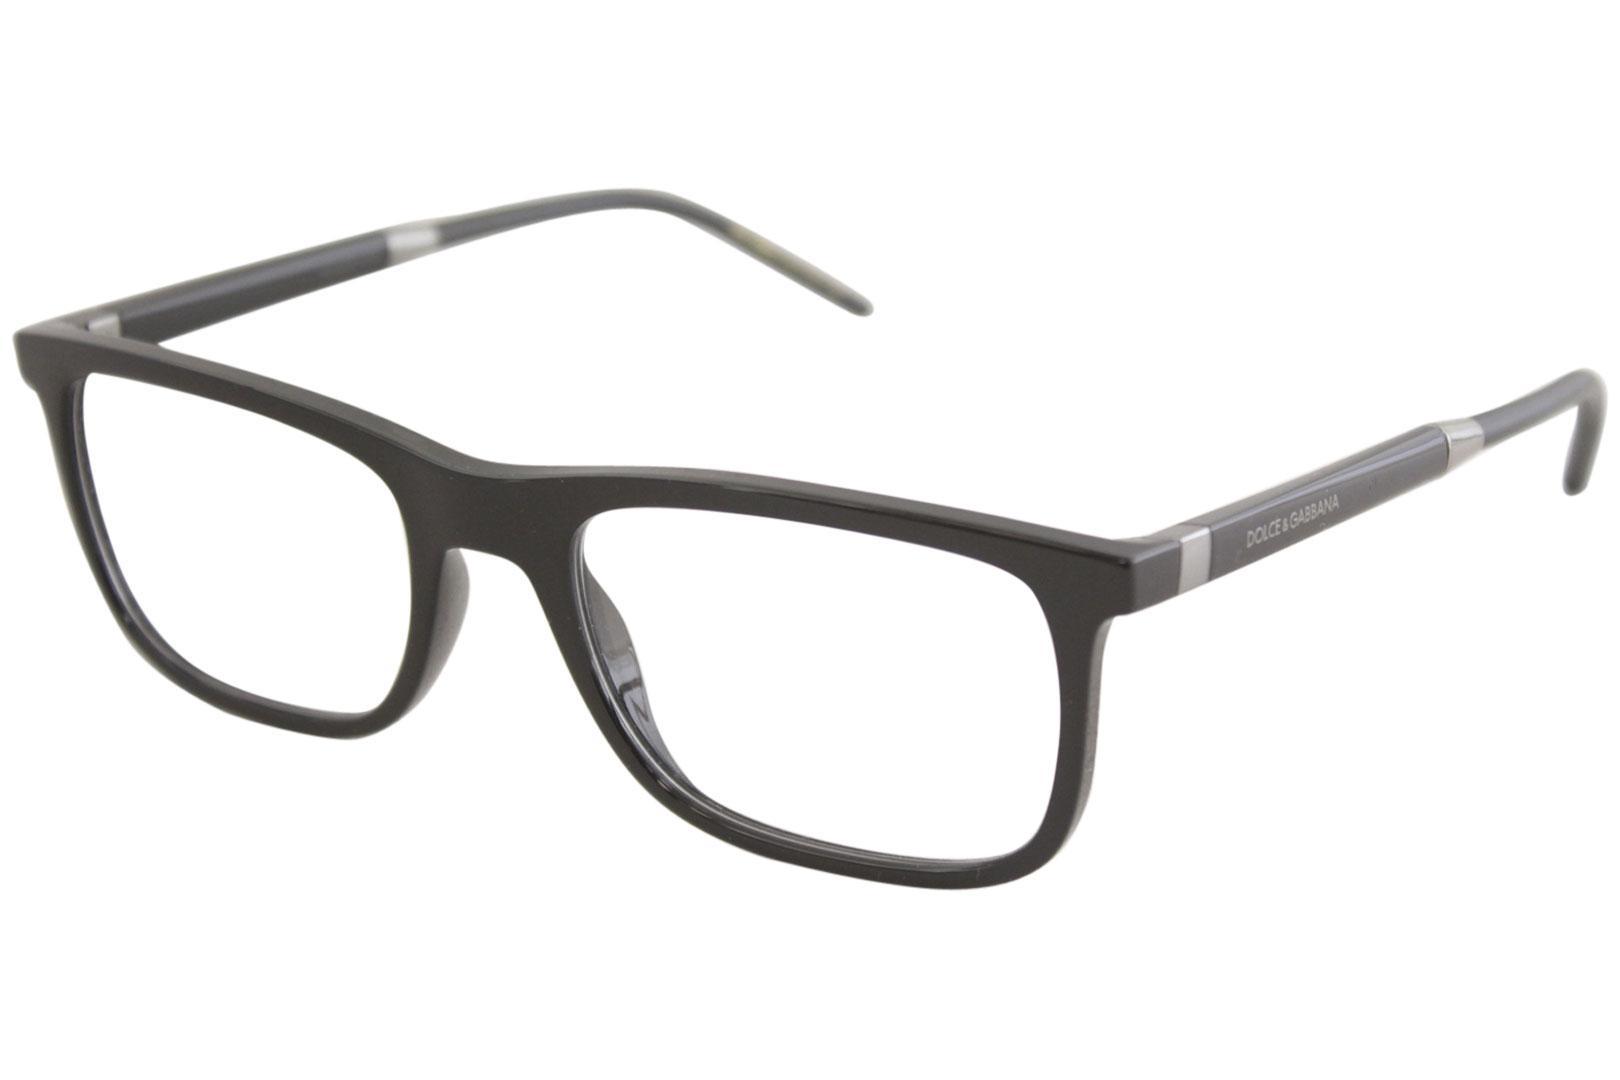 3d3319ea7e4 Dolce   Gabbana Men s Eyeglasses D G DG5030 DG 5030 Full Rim Optical ...